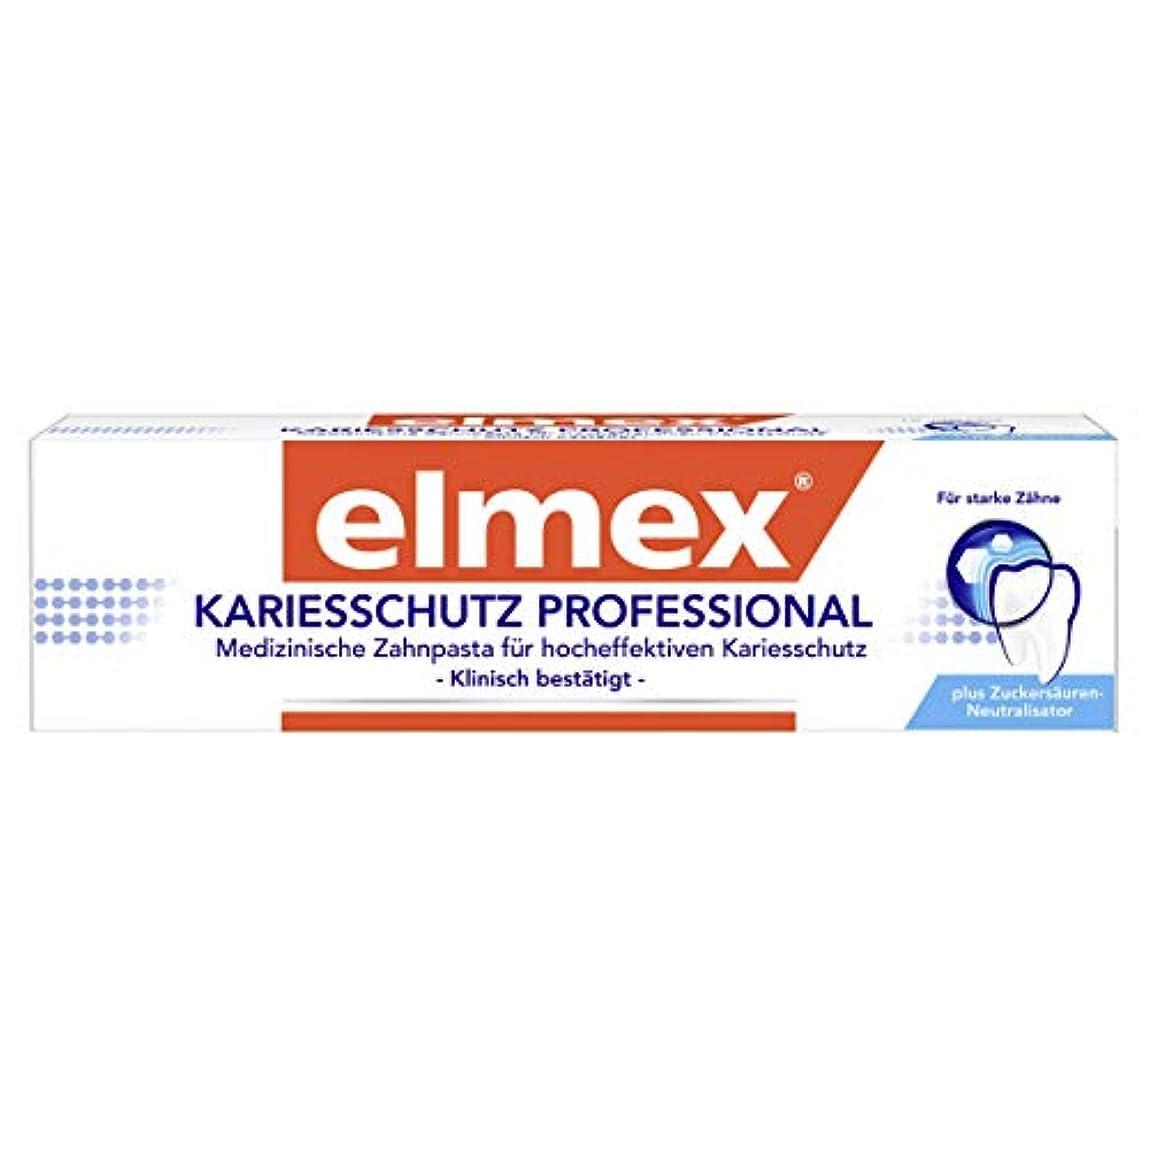 勤勉クレーターオーロック3本セット elmex エルメックス 虫歯予防 プロフェッショナル 歯磨き粉 75ml【並行輸入品】